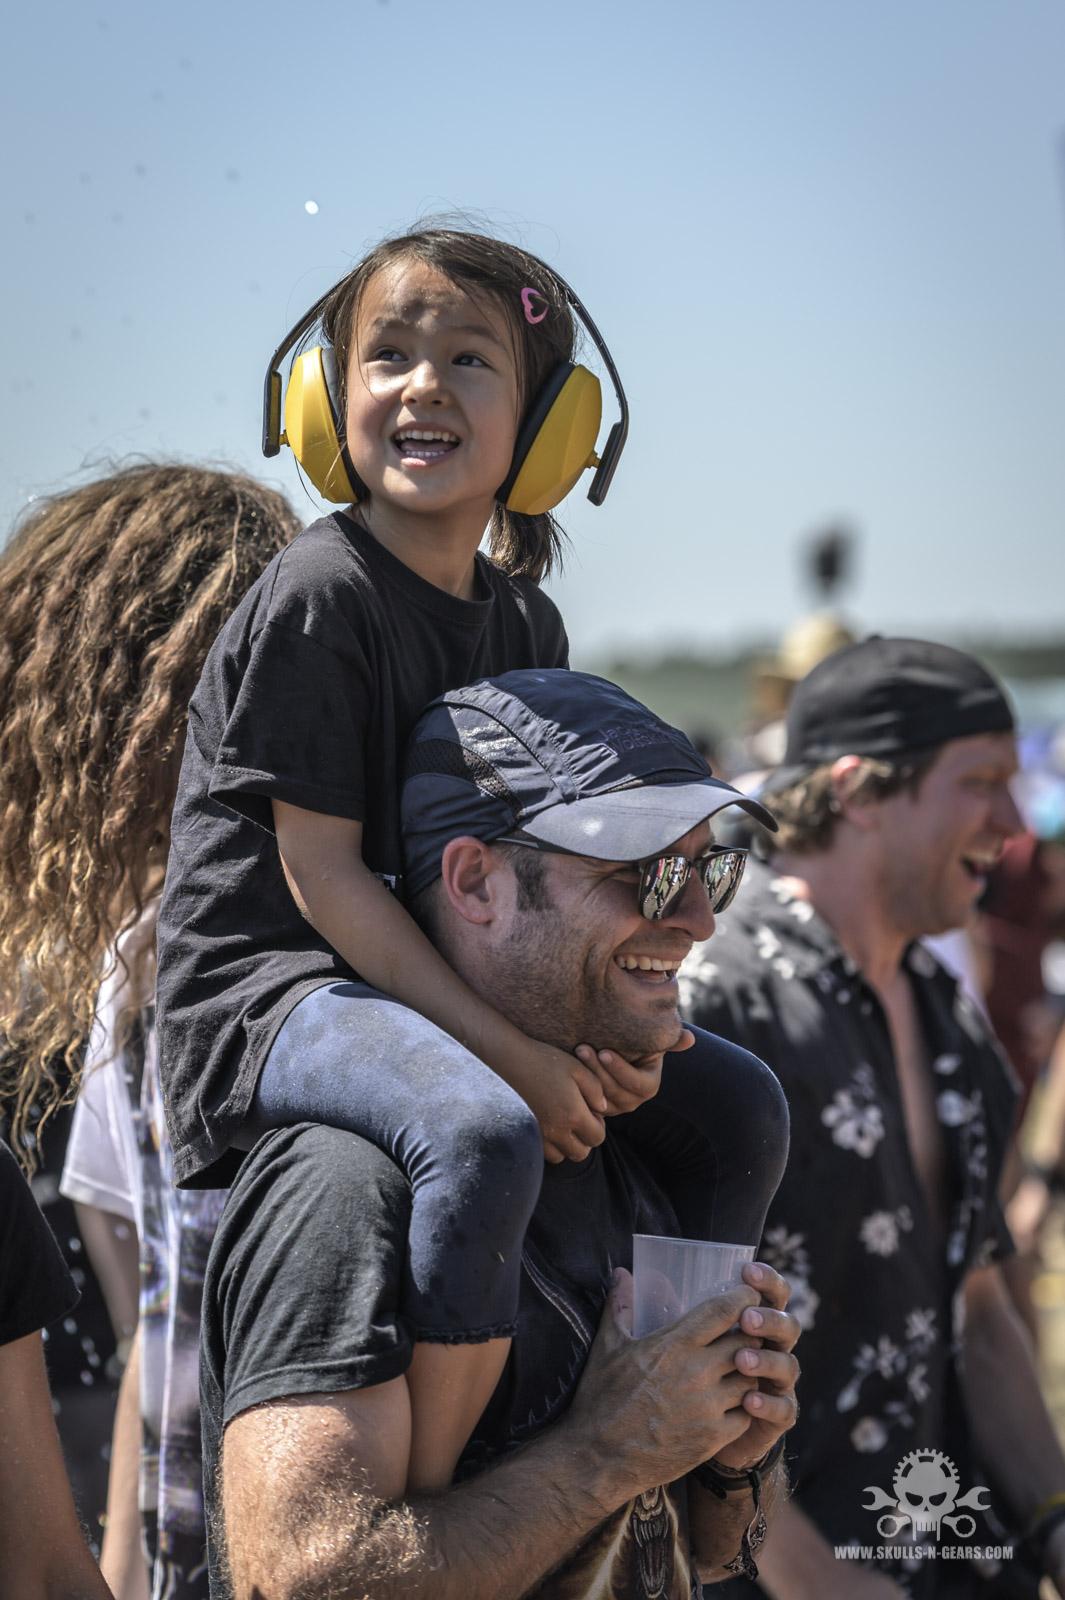 Feuertanz Festival 2019 - Besucher-843